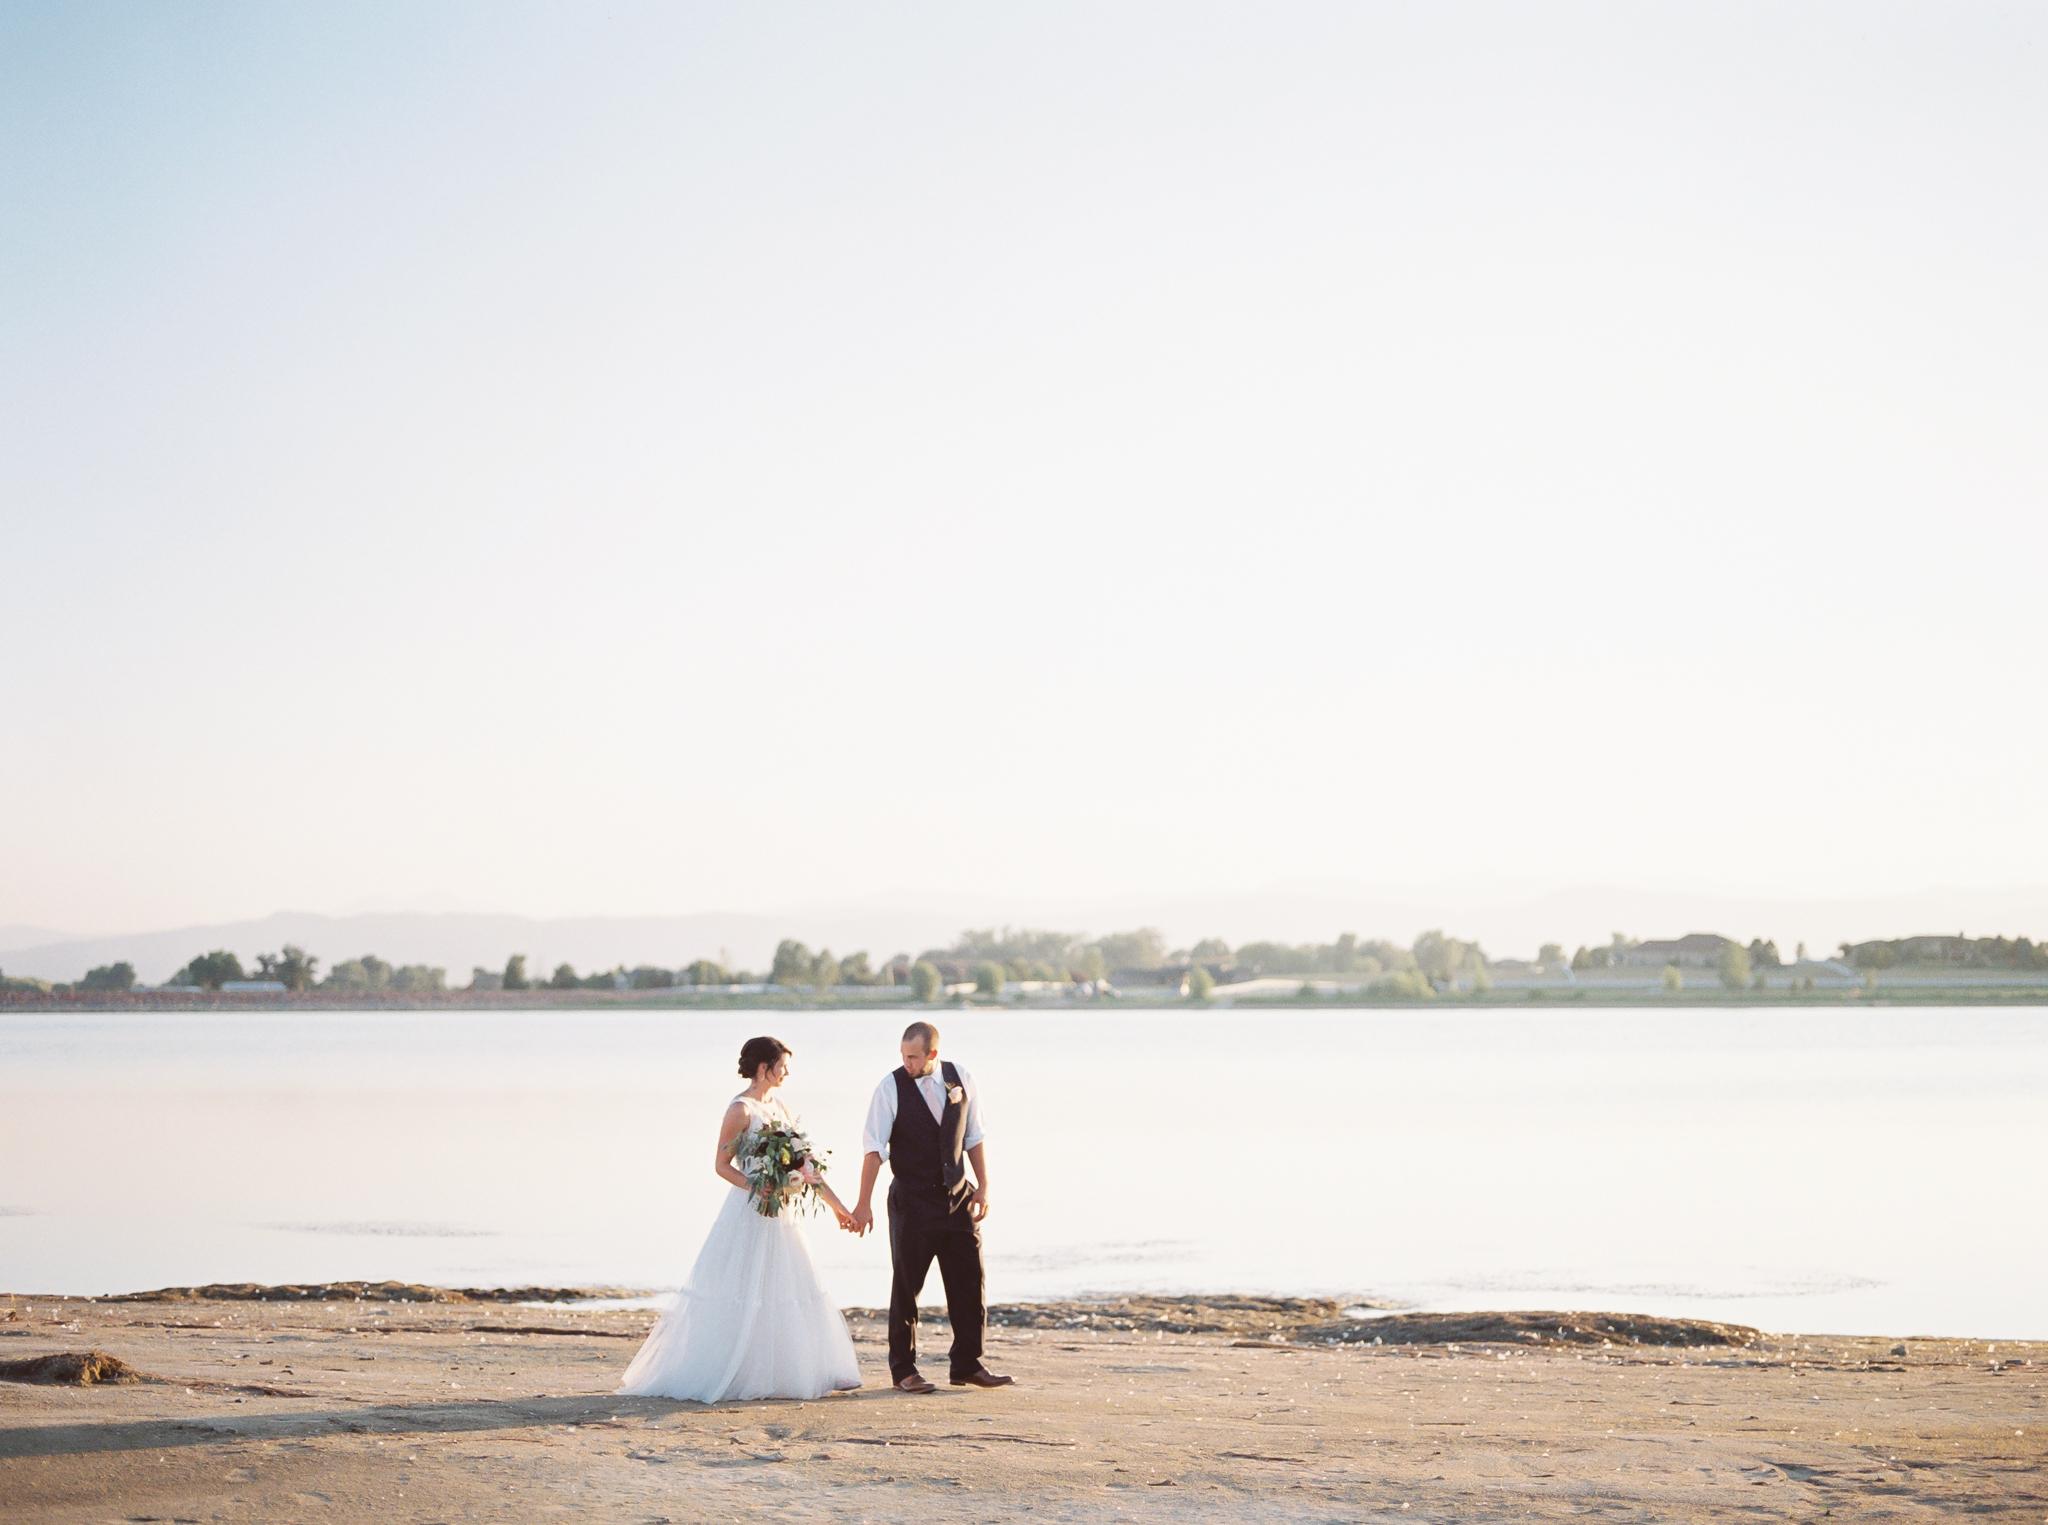 bride and groom fort collins colorado wedding